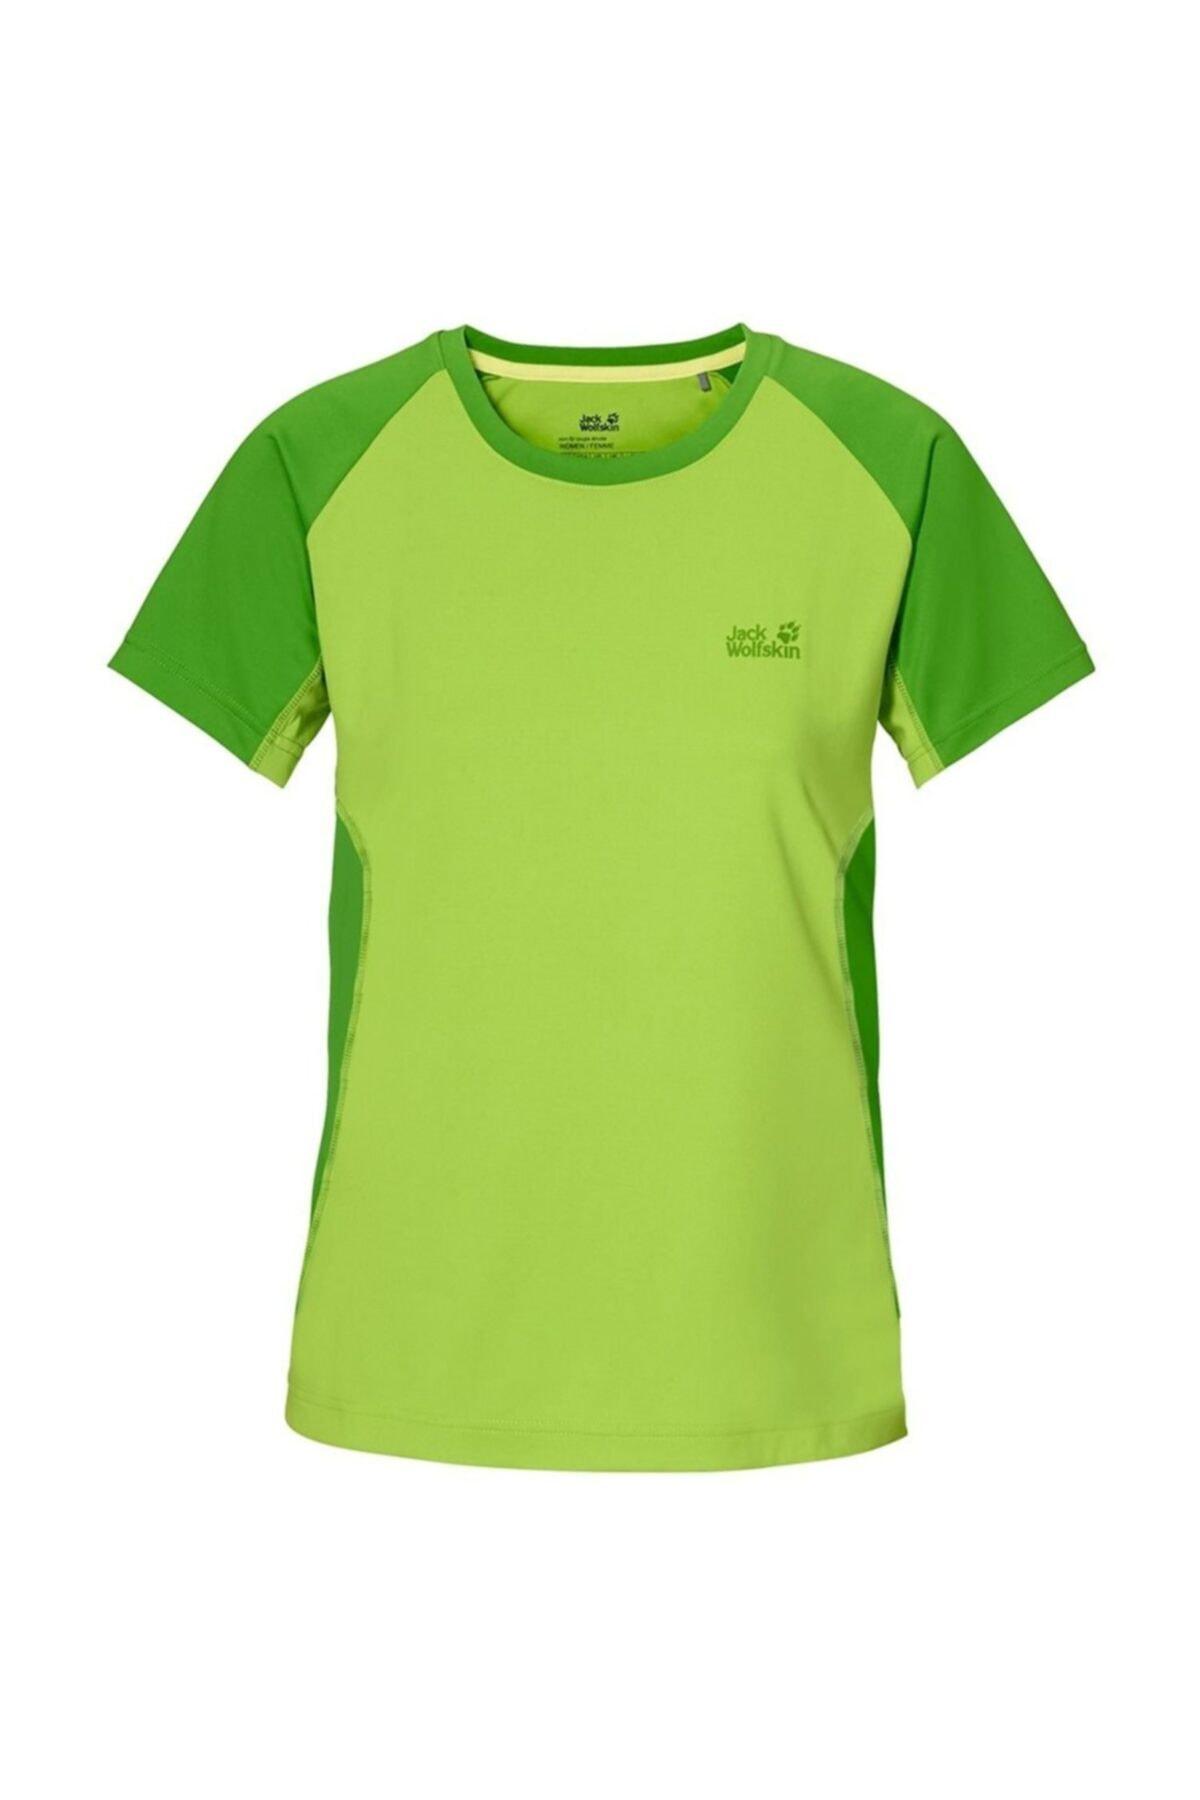 Jack Wolfskin Kadın Yeşil Split Tshirt 1803501-4011 1